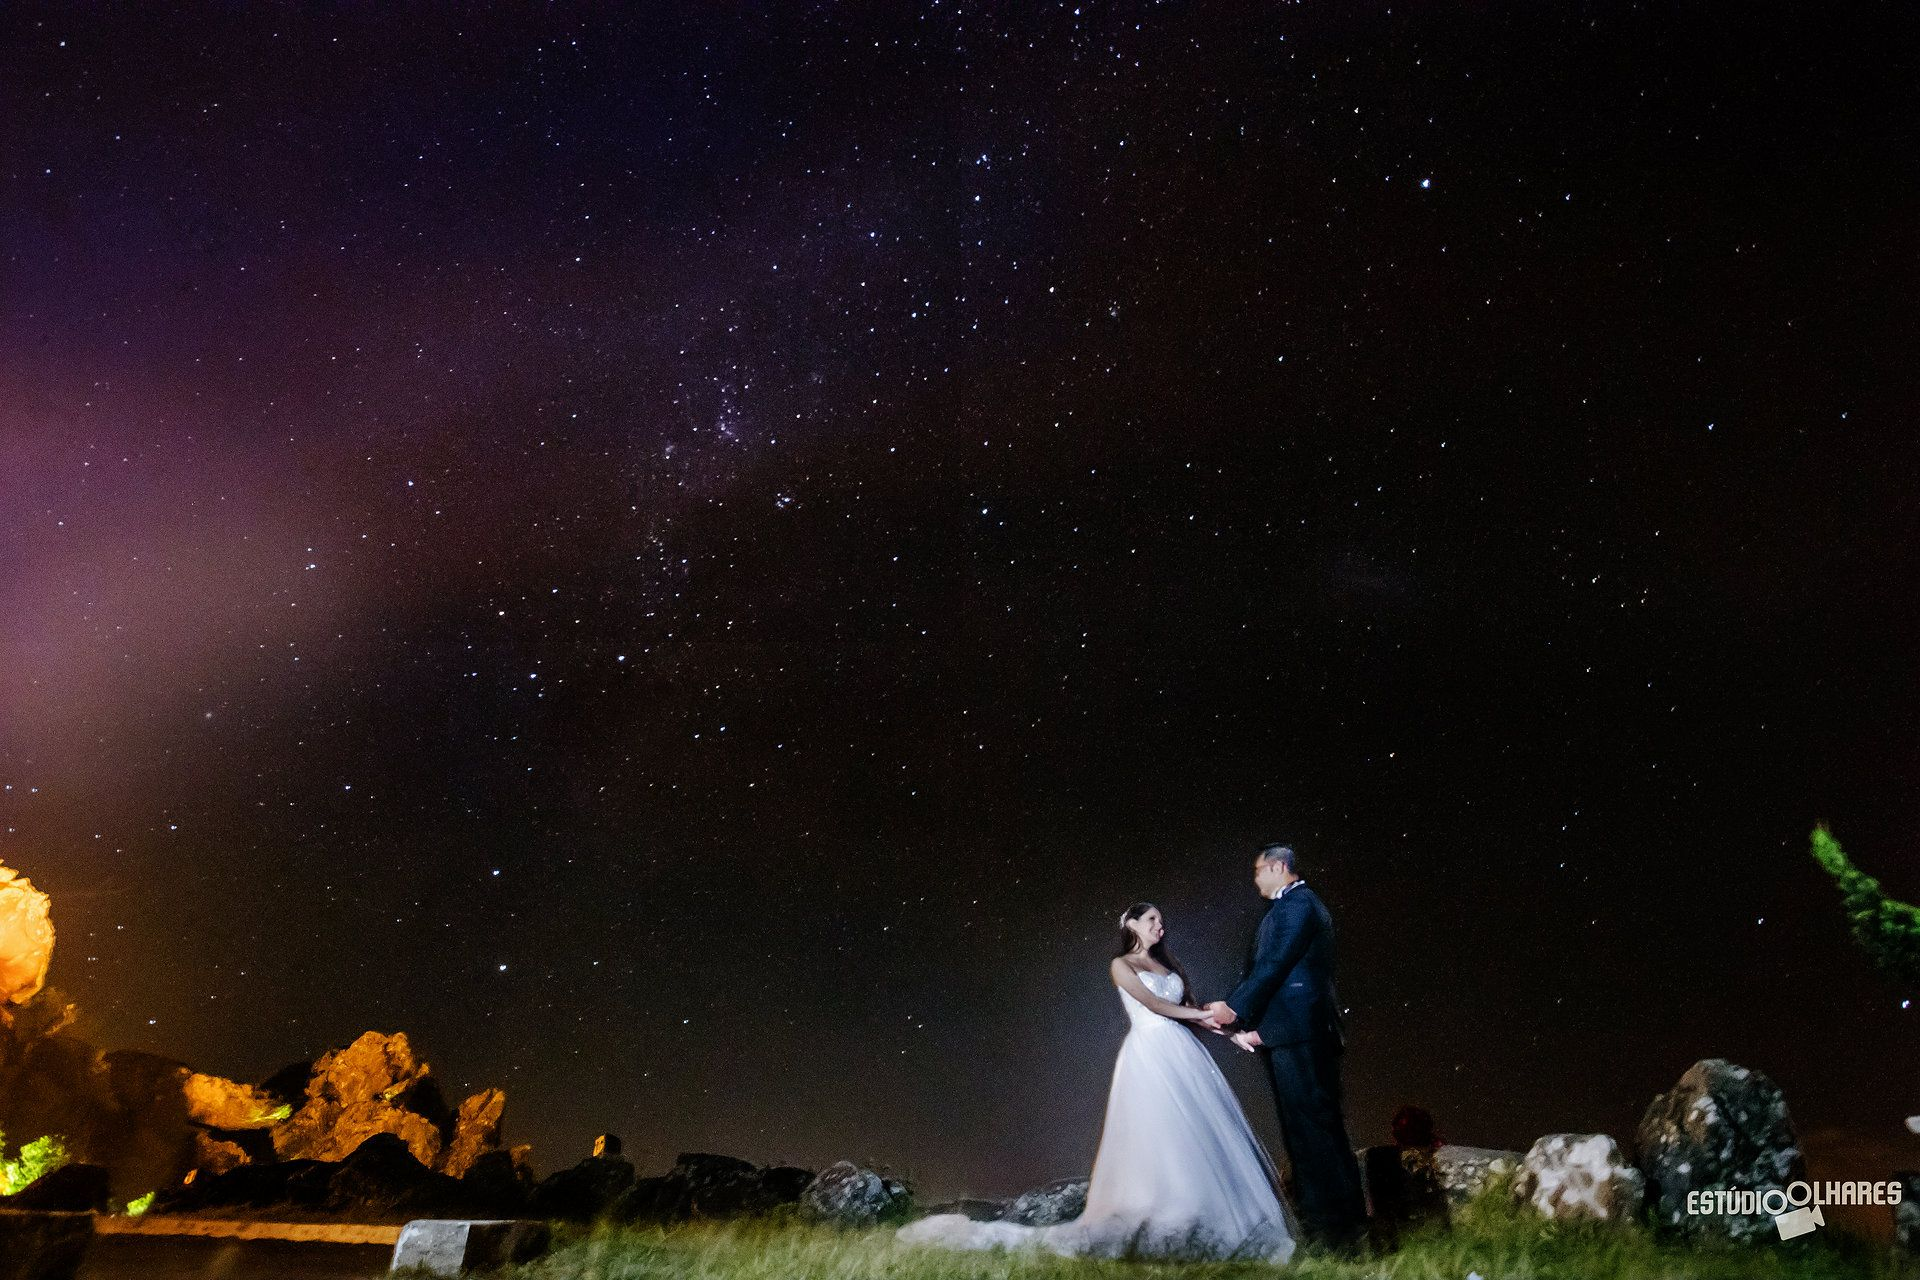 Que as estrelas iluminem o nosso amor <3